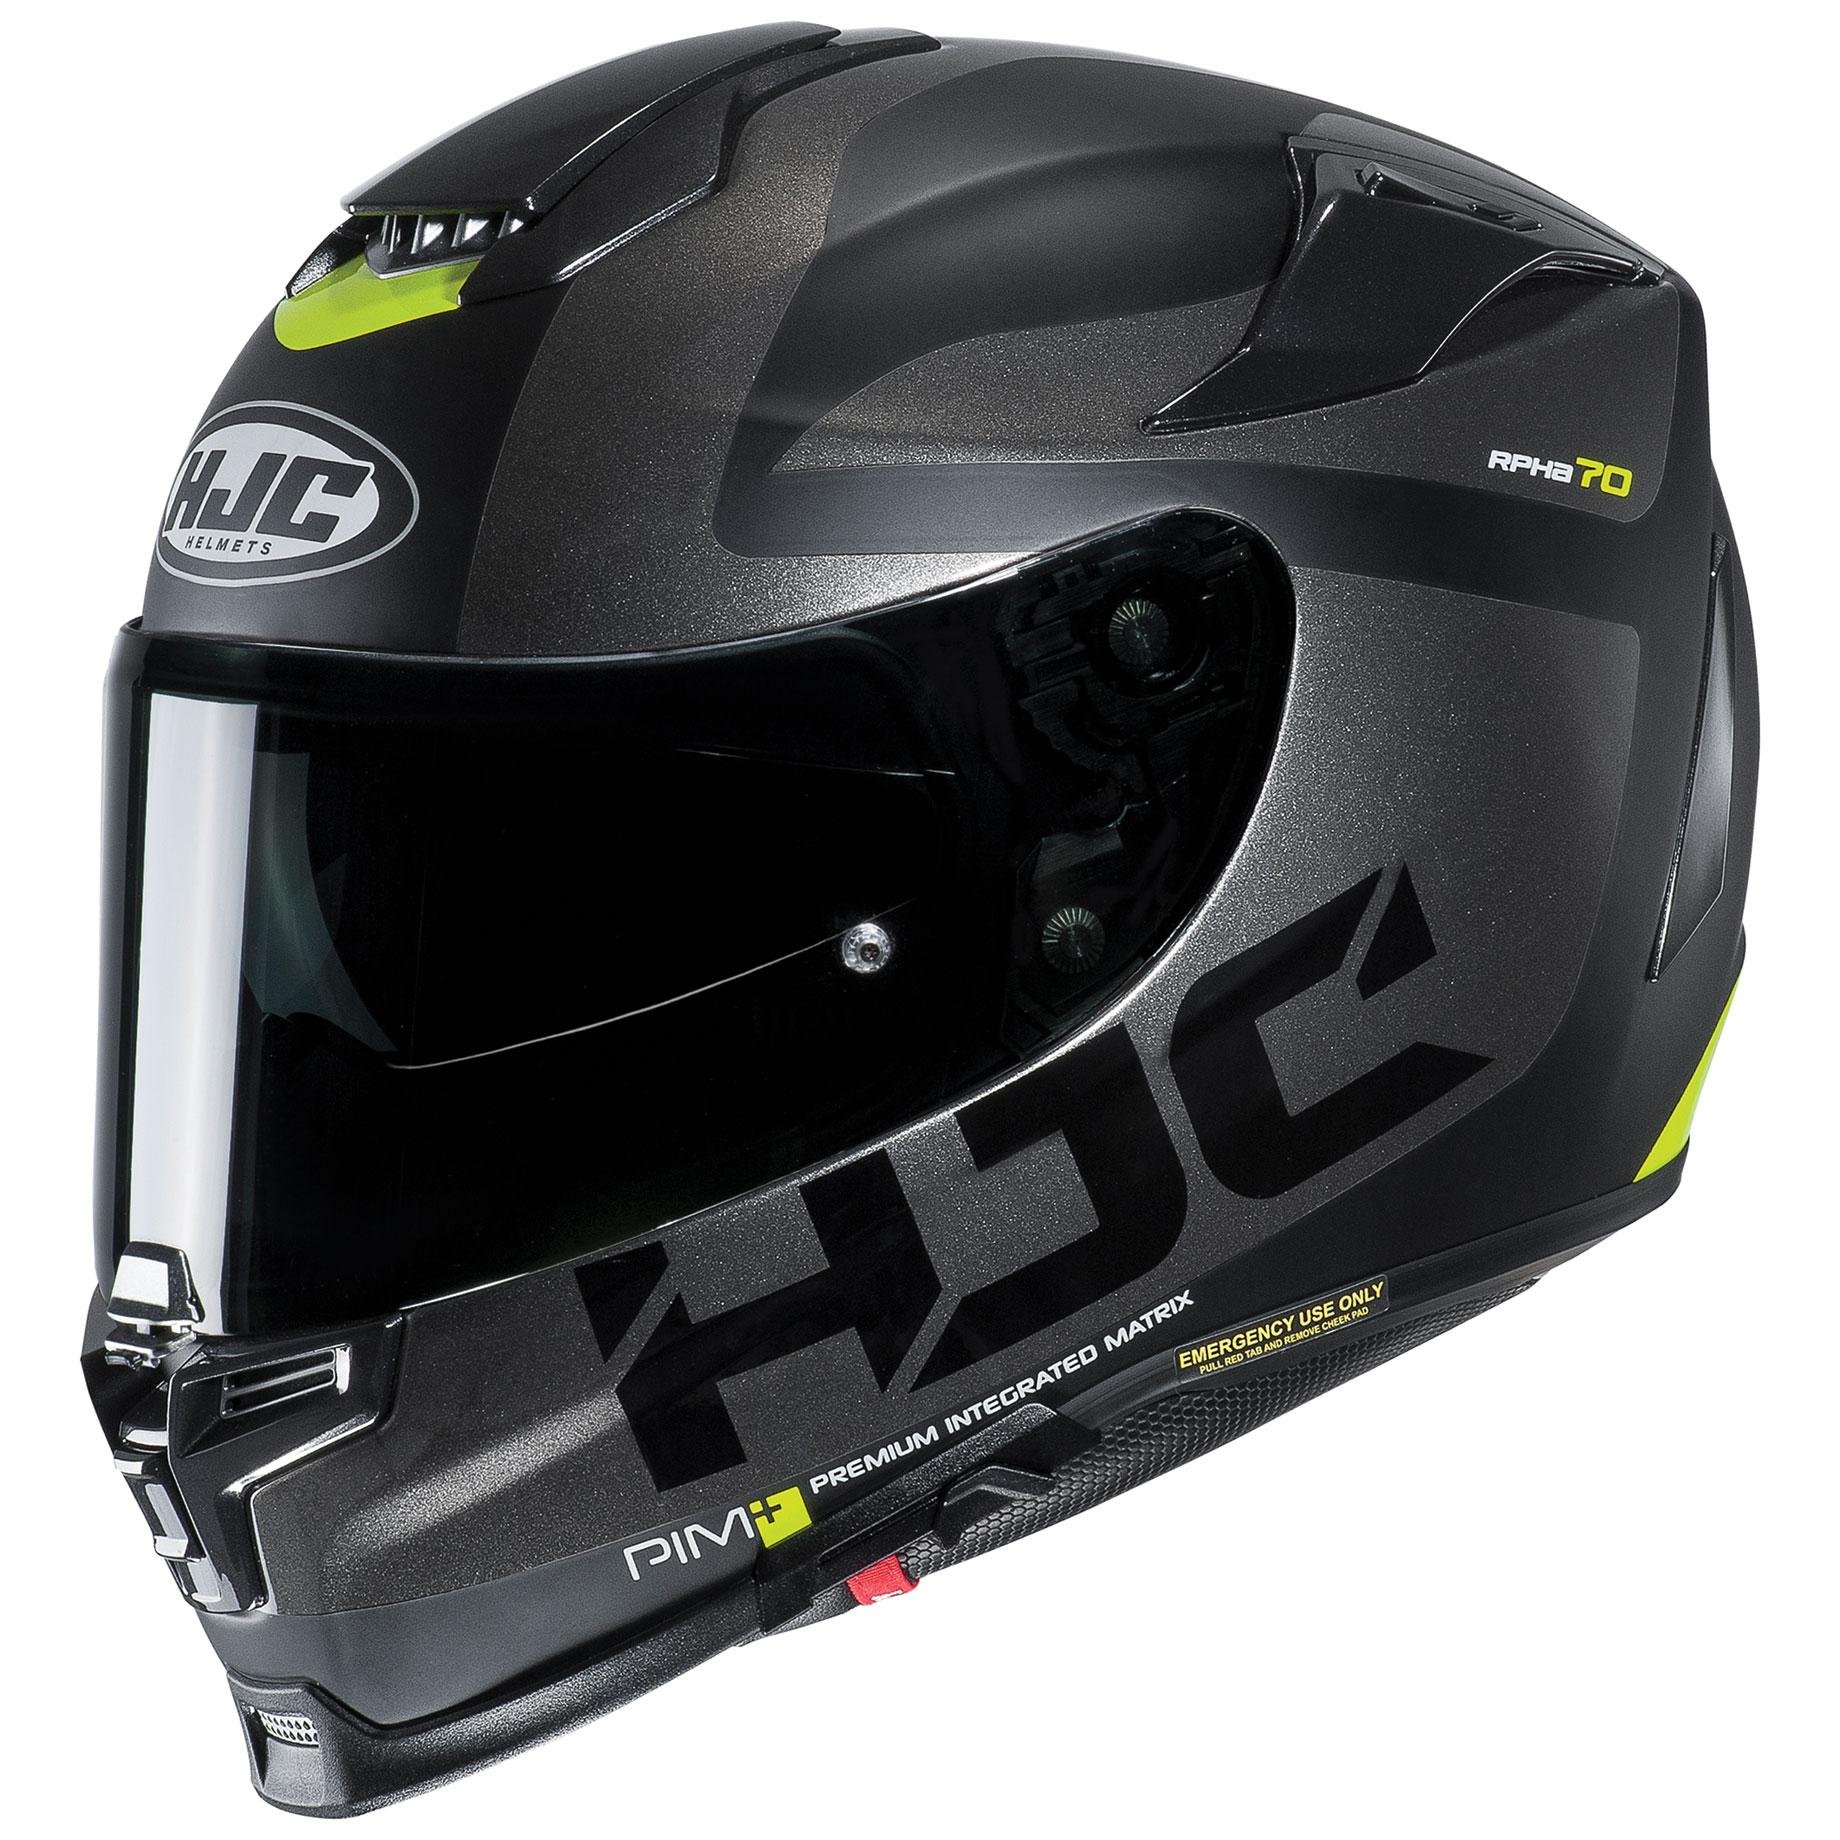 HJC RPHA 70 ST Balius Black/Silver Full Face Helmet